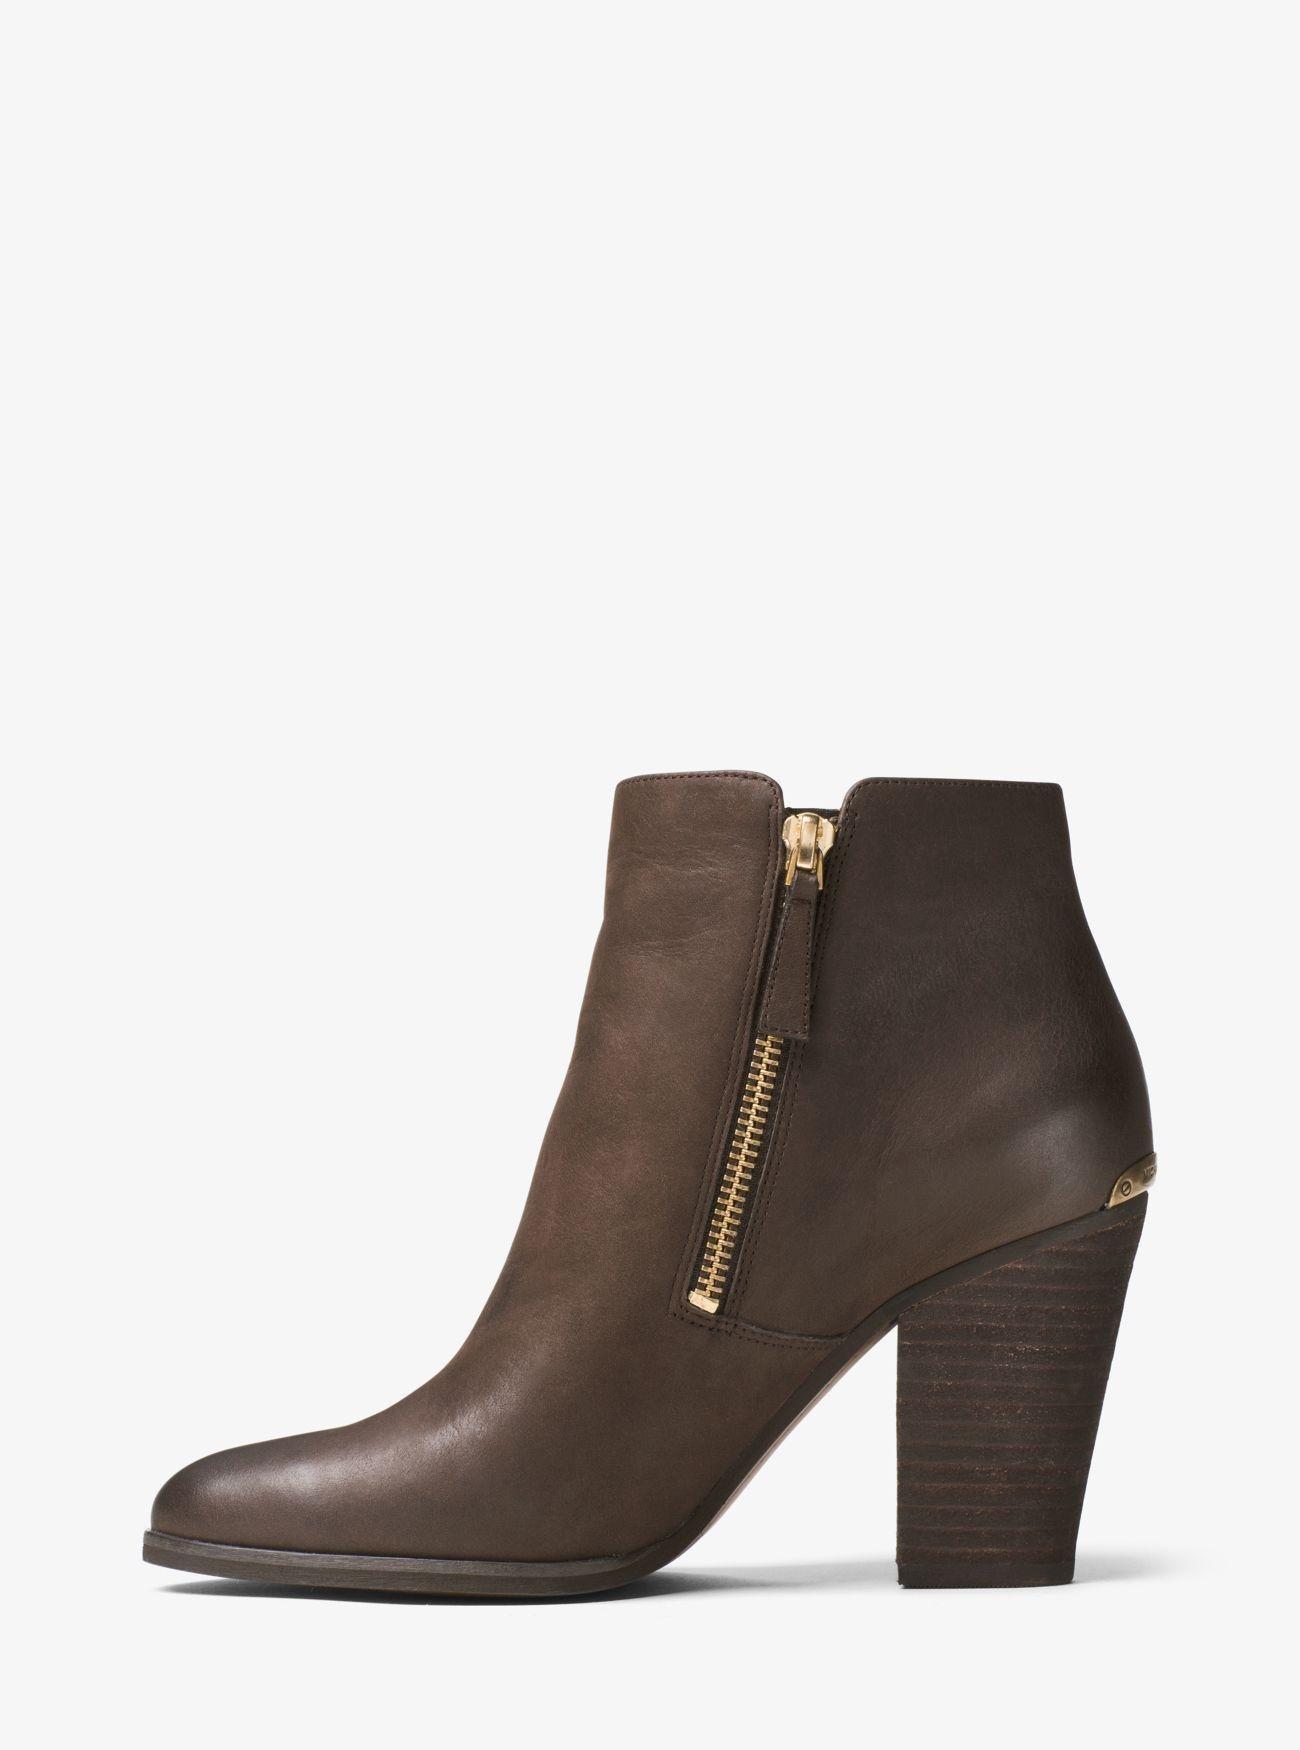 lyst michael kors denver leather ankle boots in brown. Black Bedroom Furniture Sets. Home Design Ideas